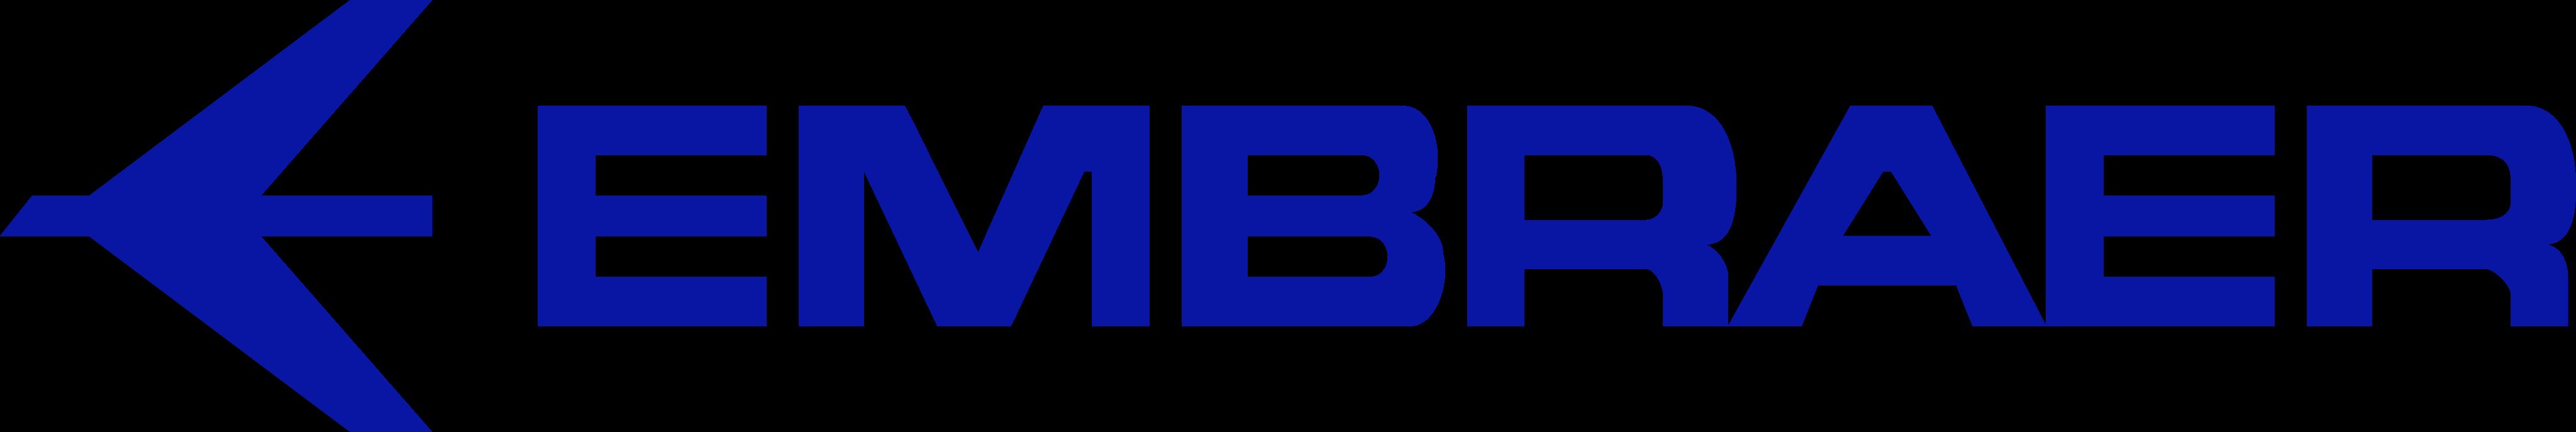 embraer logo 5 - Embraer Logo